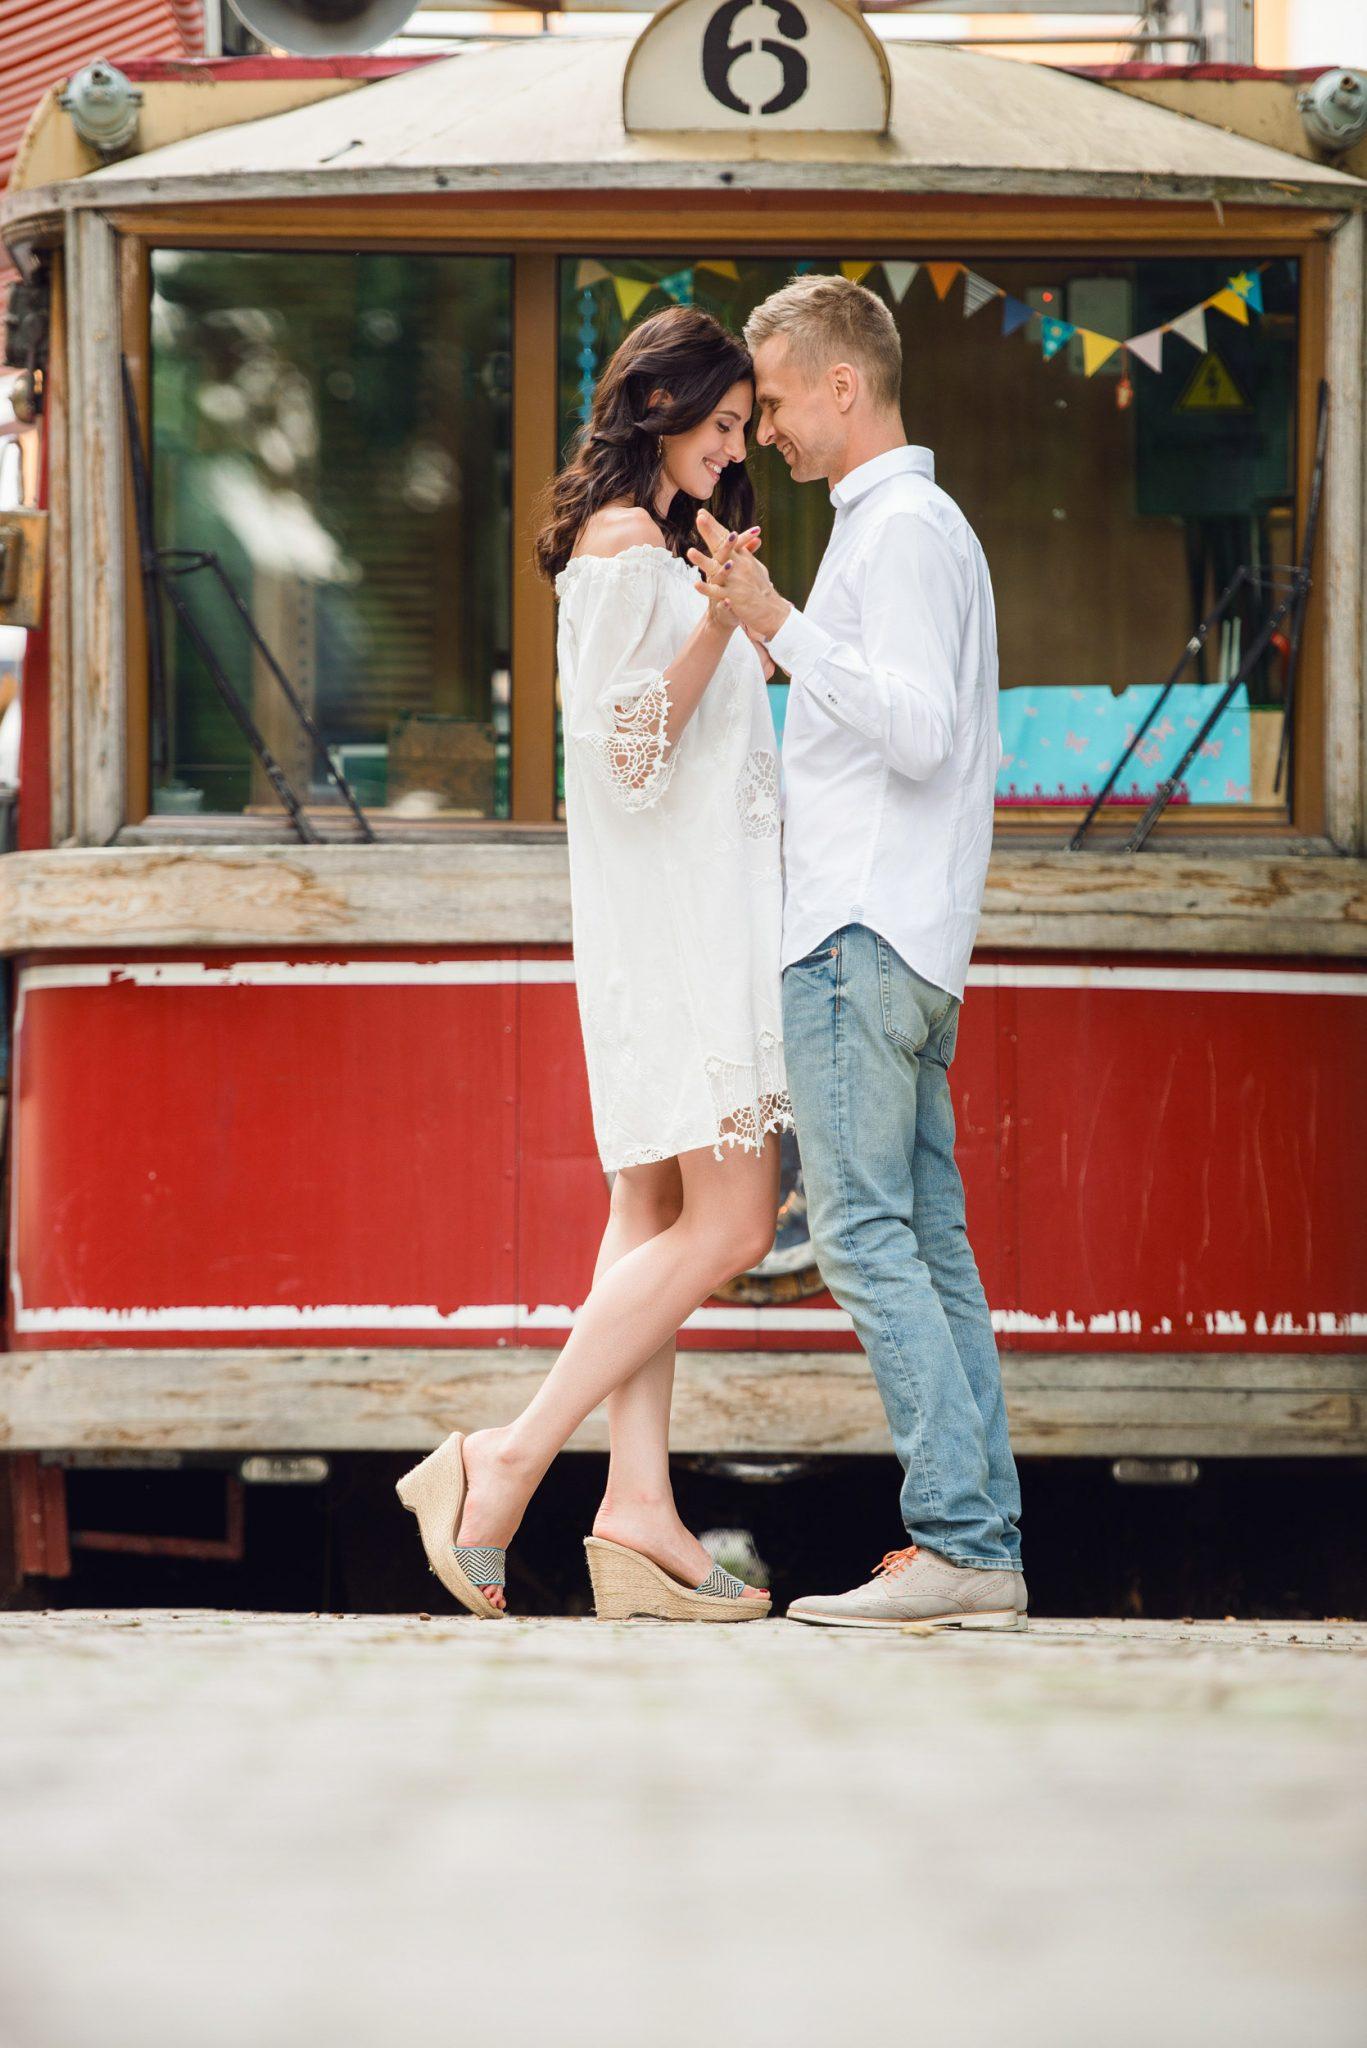 Love Story на природе, пара на фоне старого трамвая красного цвета